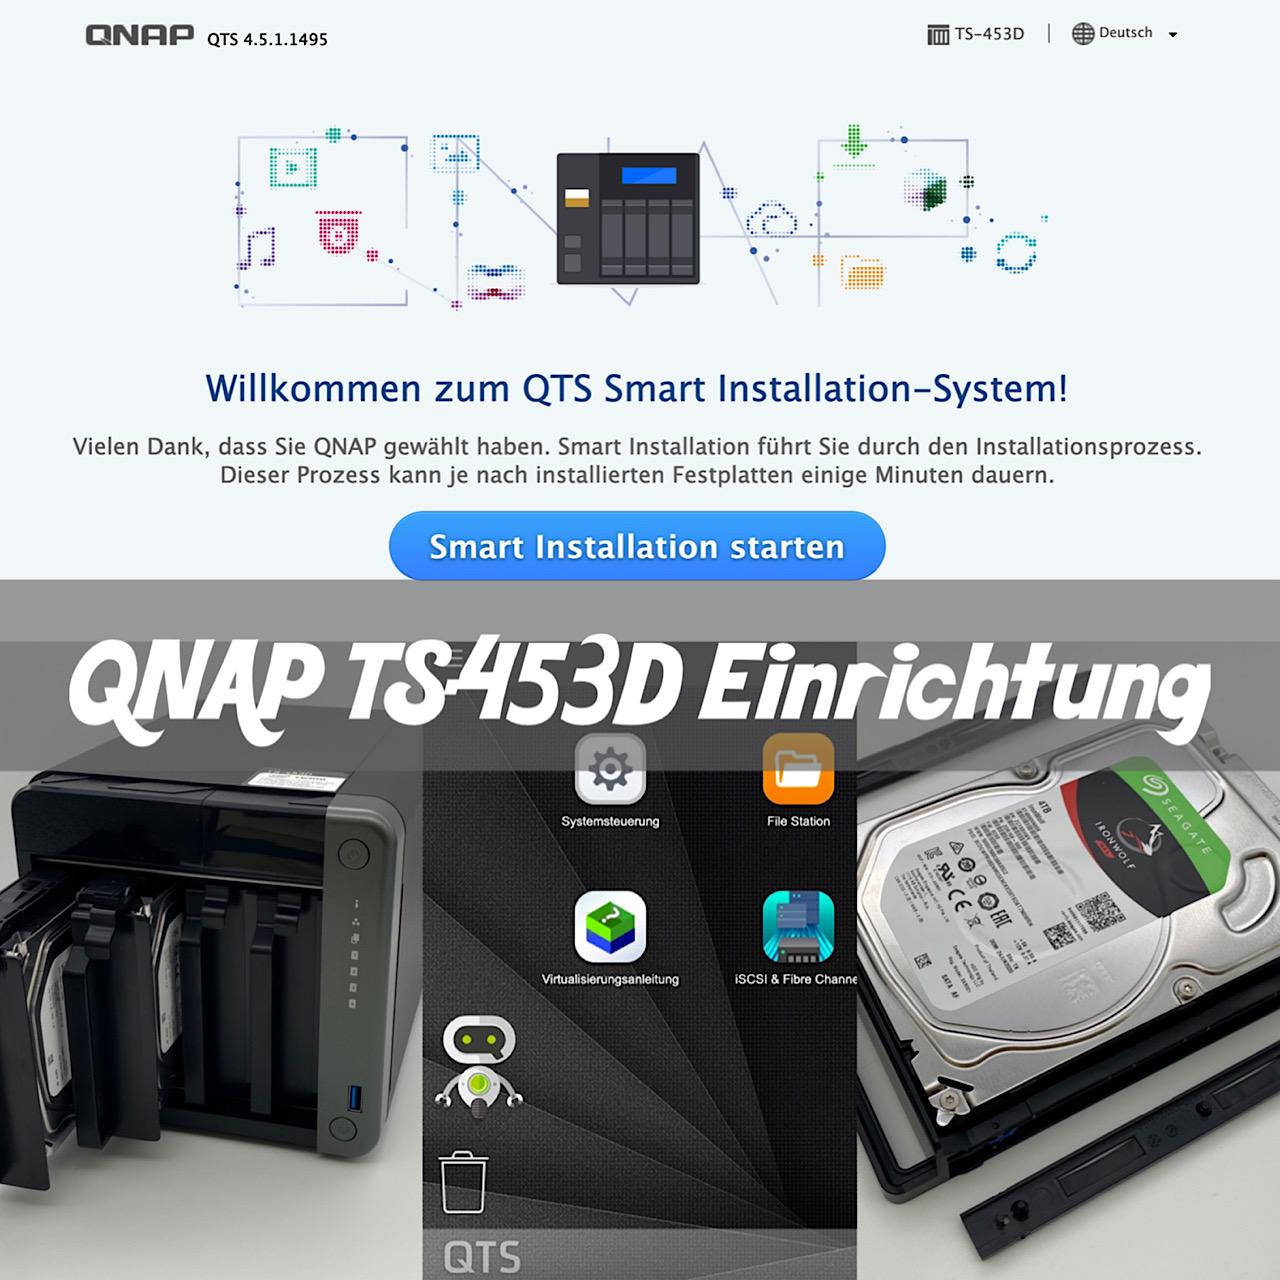 QNAP TS-453D Einrichtung